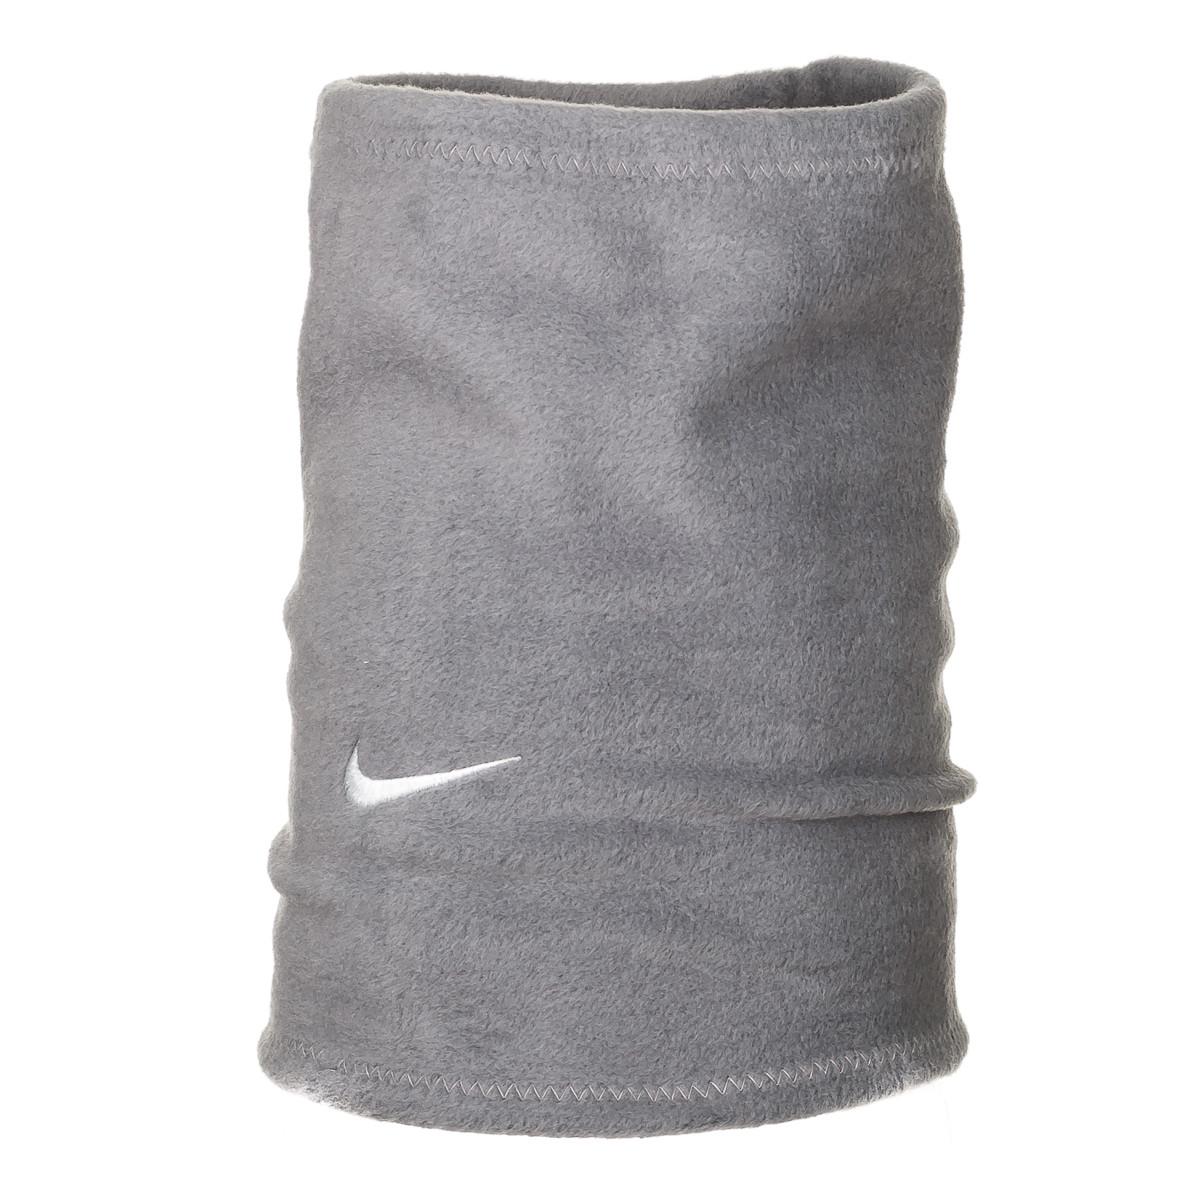 Горловик (Баф) Nike серый